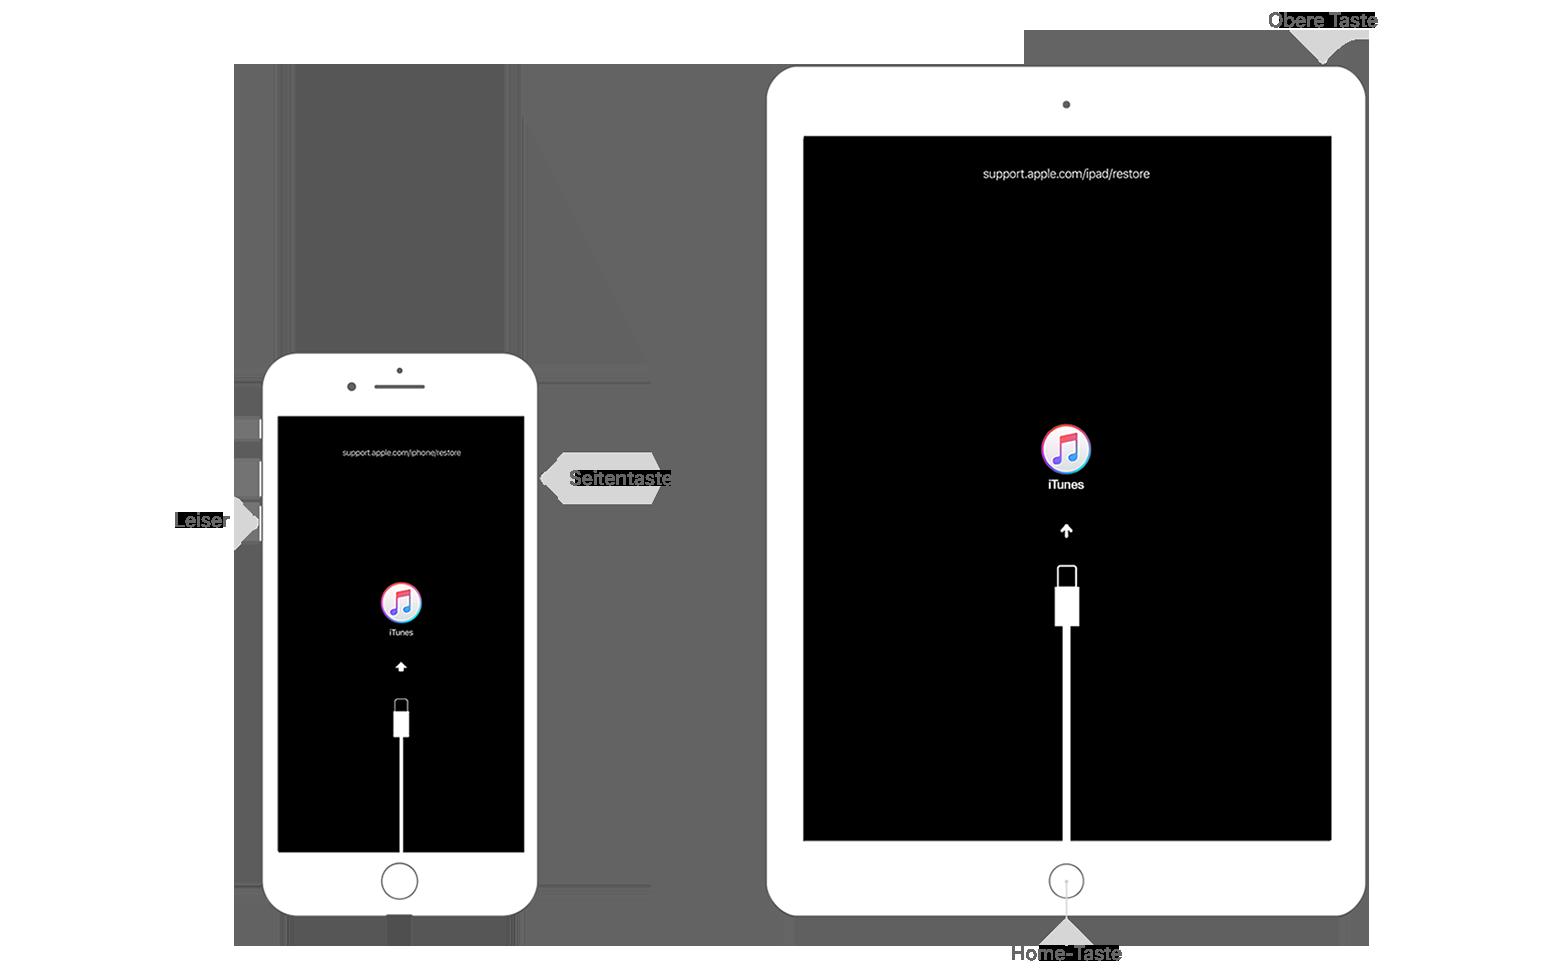 iPhone: Code ändern oder deaktivieren